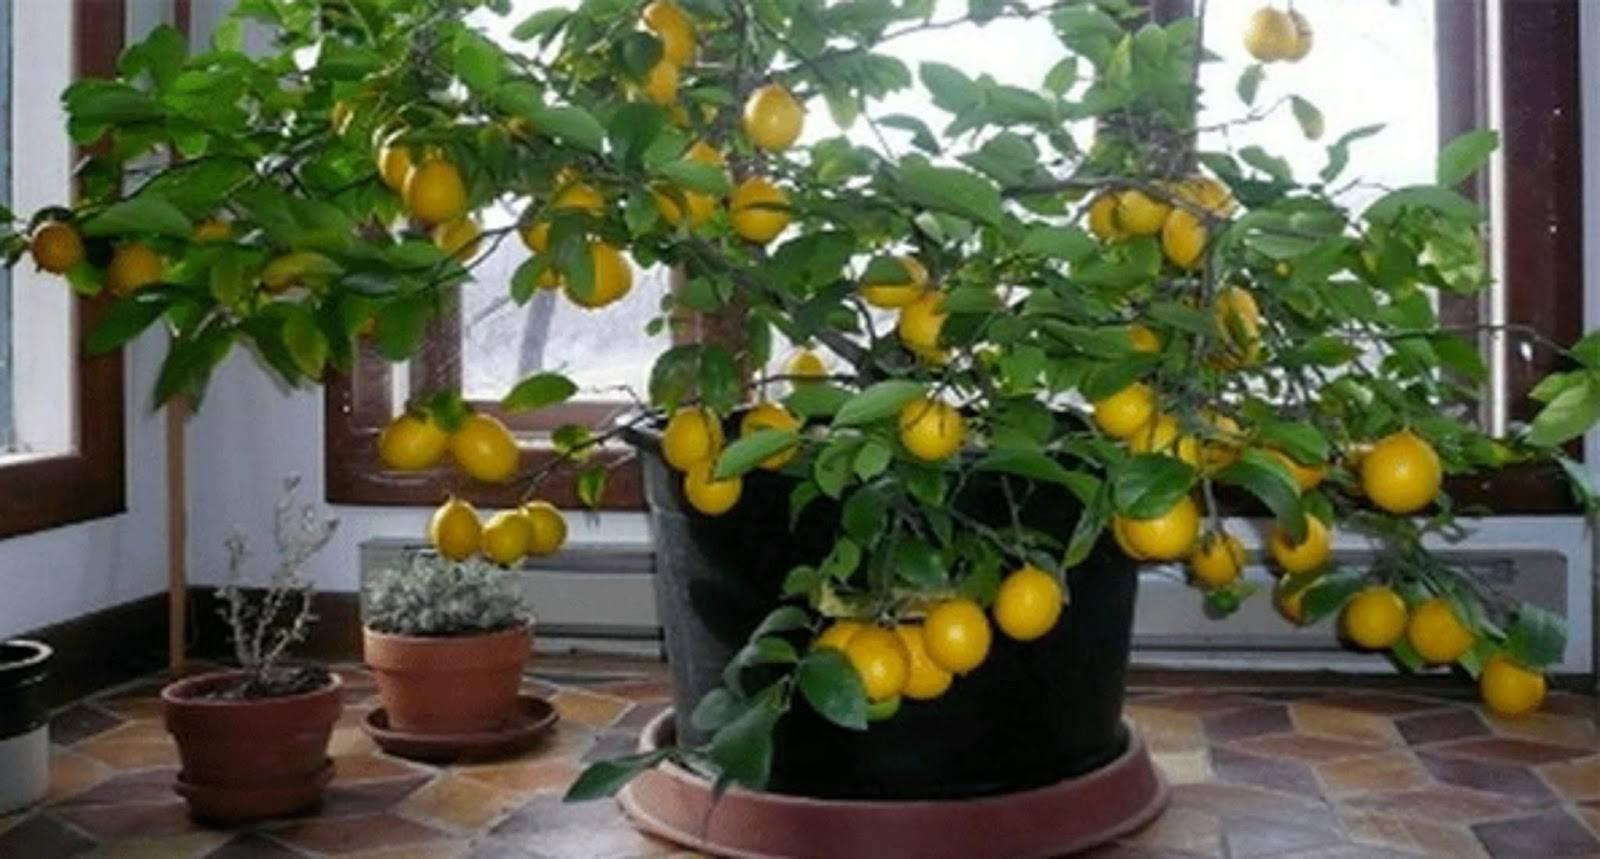 Чем лучше подкормить лимон в домашних условиях